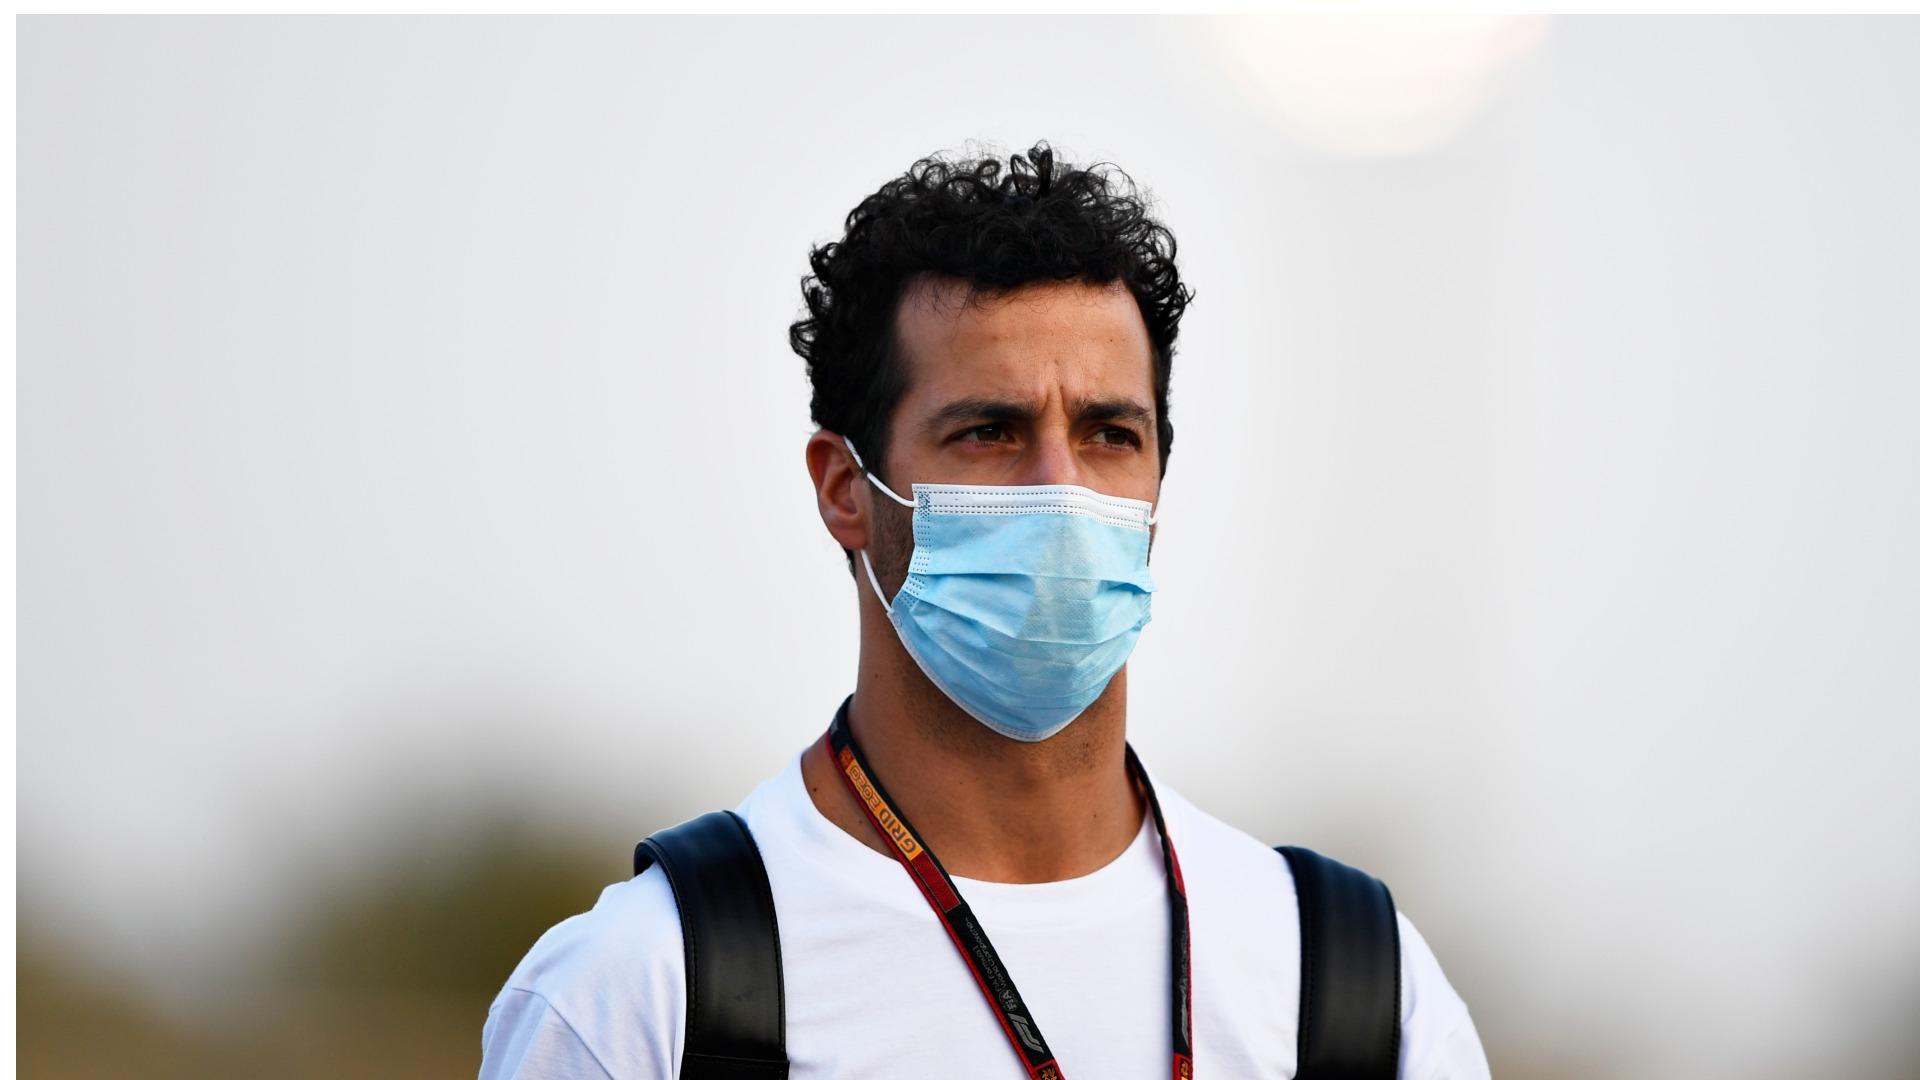 Ricciardo reveals COVID-19 scare after Tuscan Grand Prix